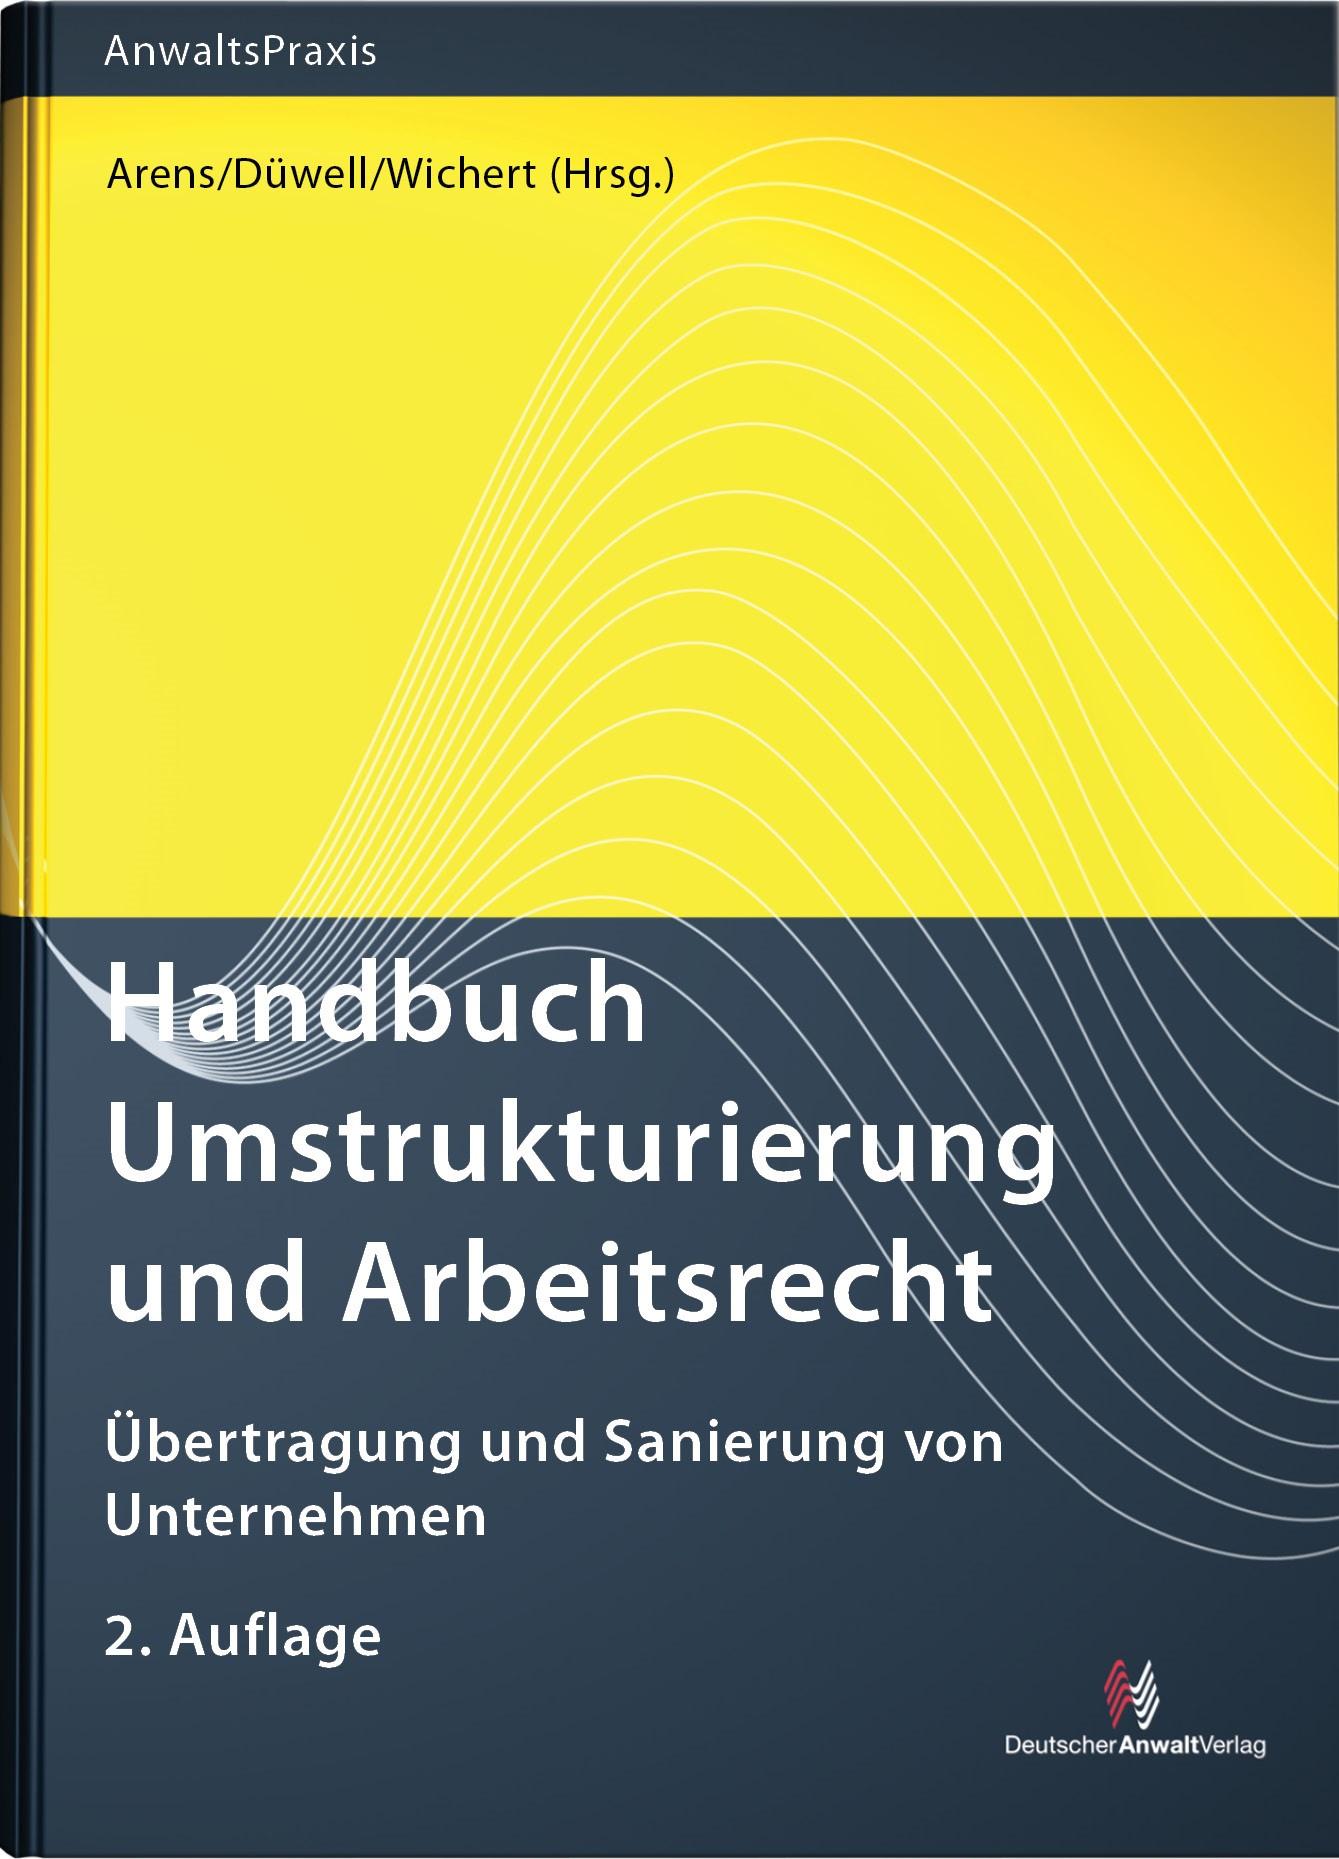 Handbuch Umstrukturierung und Arbeitsrecht   Arens / Düwell / Wichert (Hrsg.)   2. Auflage, 2013   Buch (Cover)